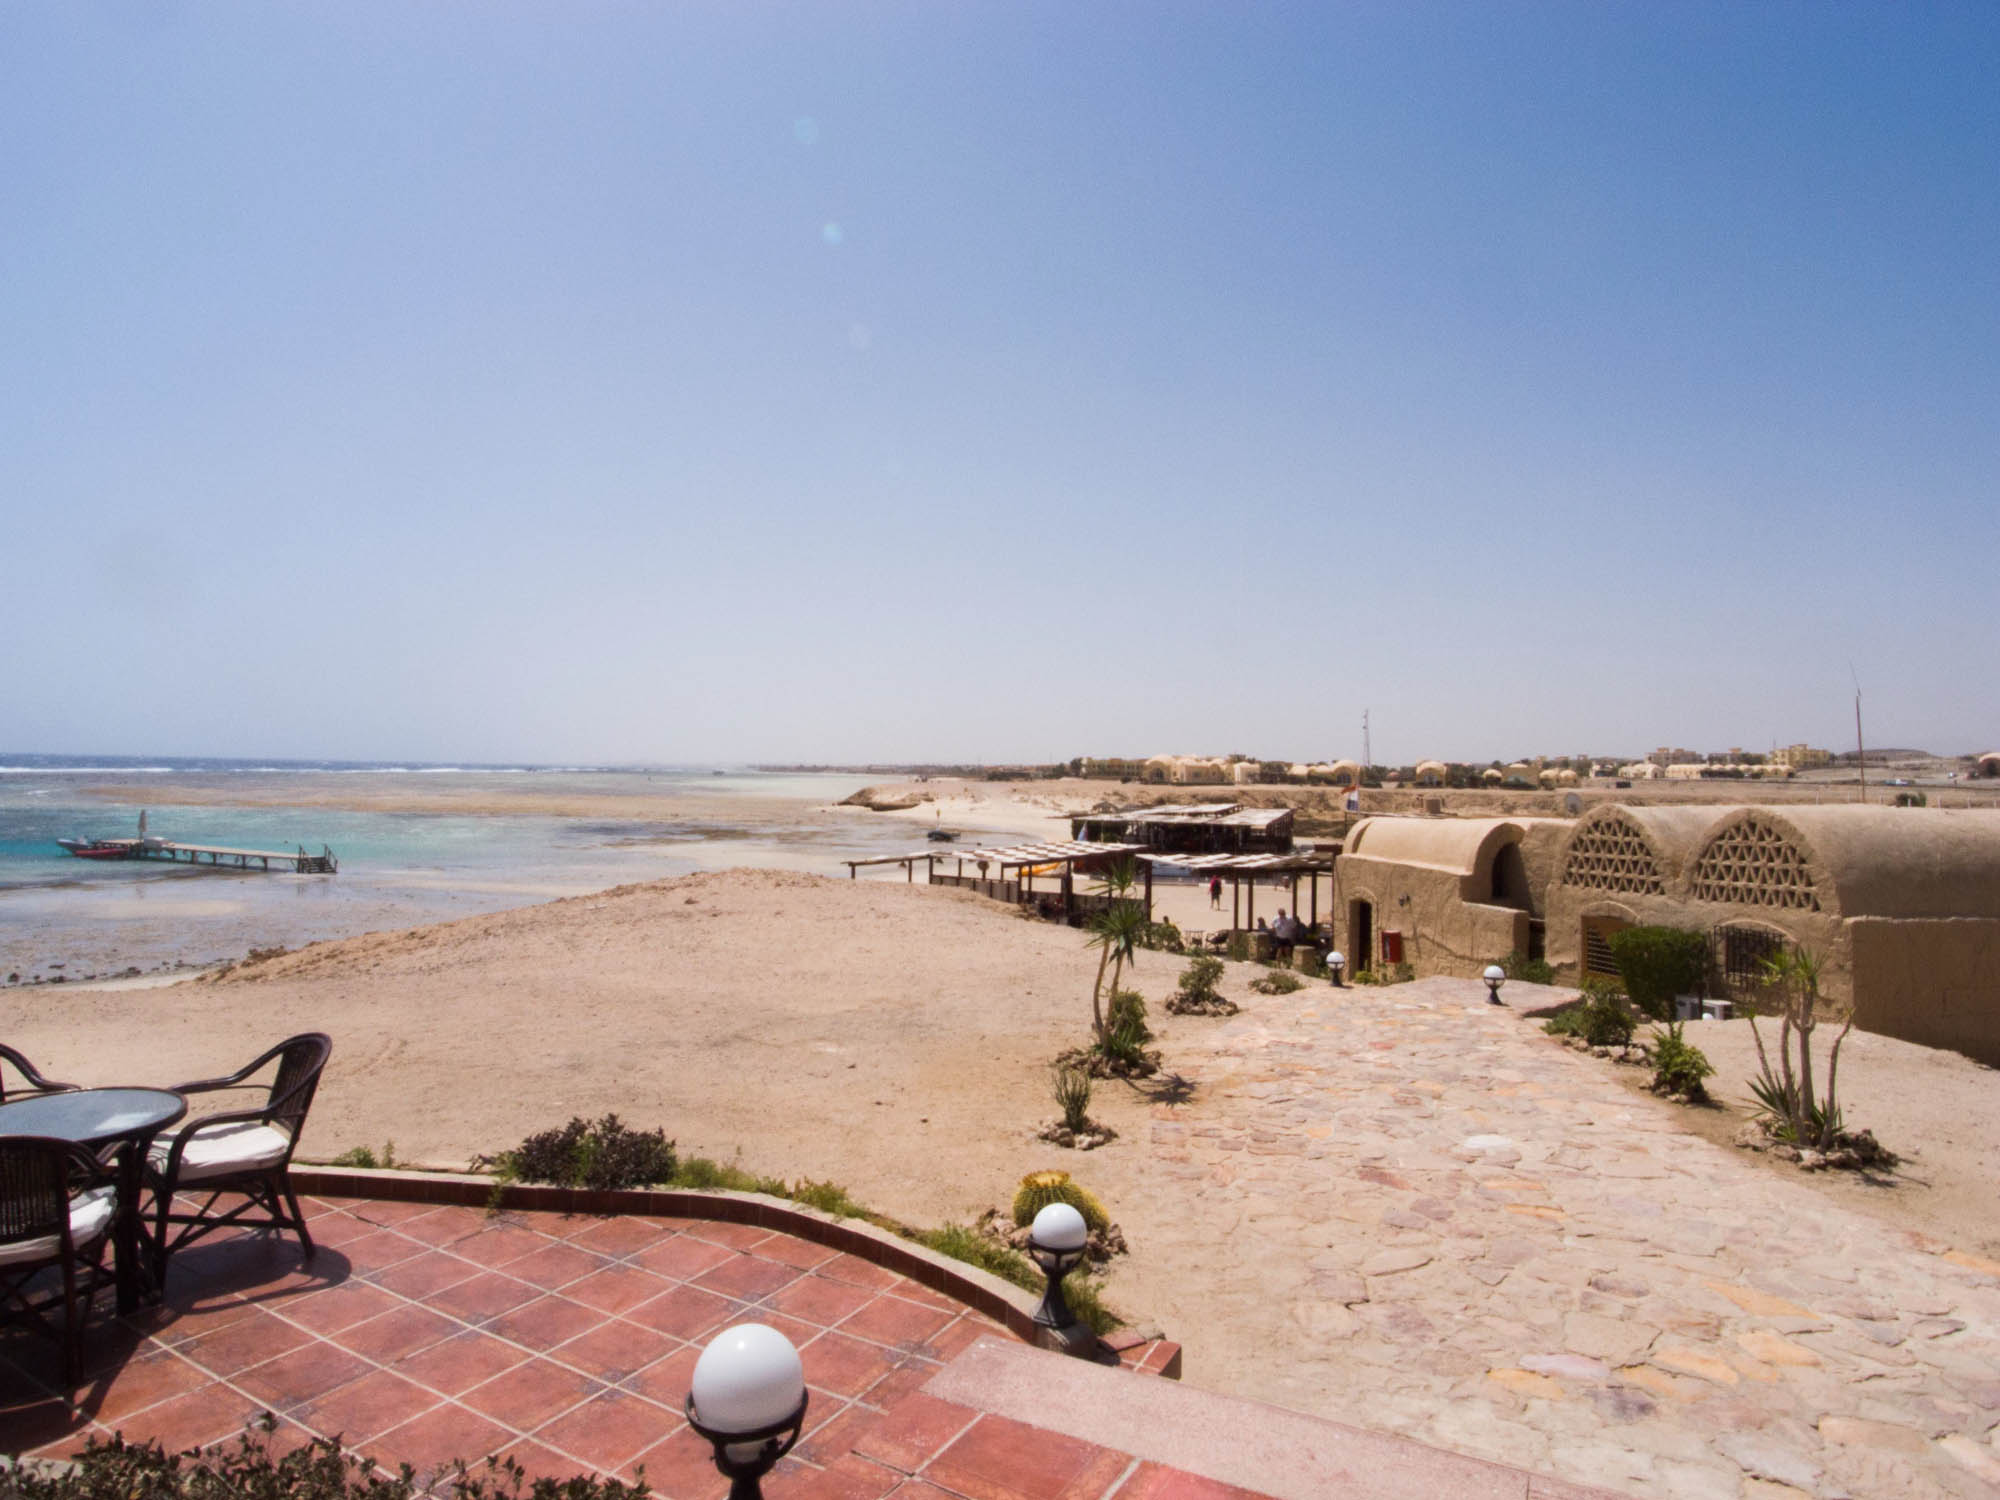 Äypten_Marsa_Alam_Marsa_Shagra_Red Sea Diving Safari_Tauchen_Rotes_Meer_Ägypten